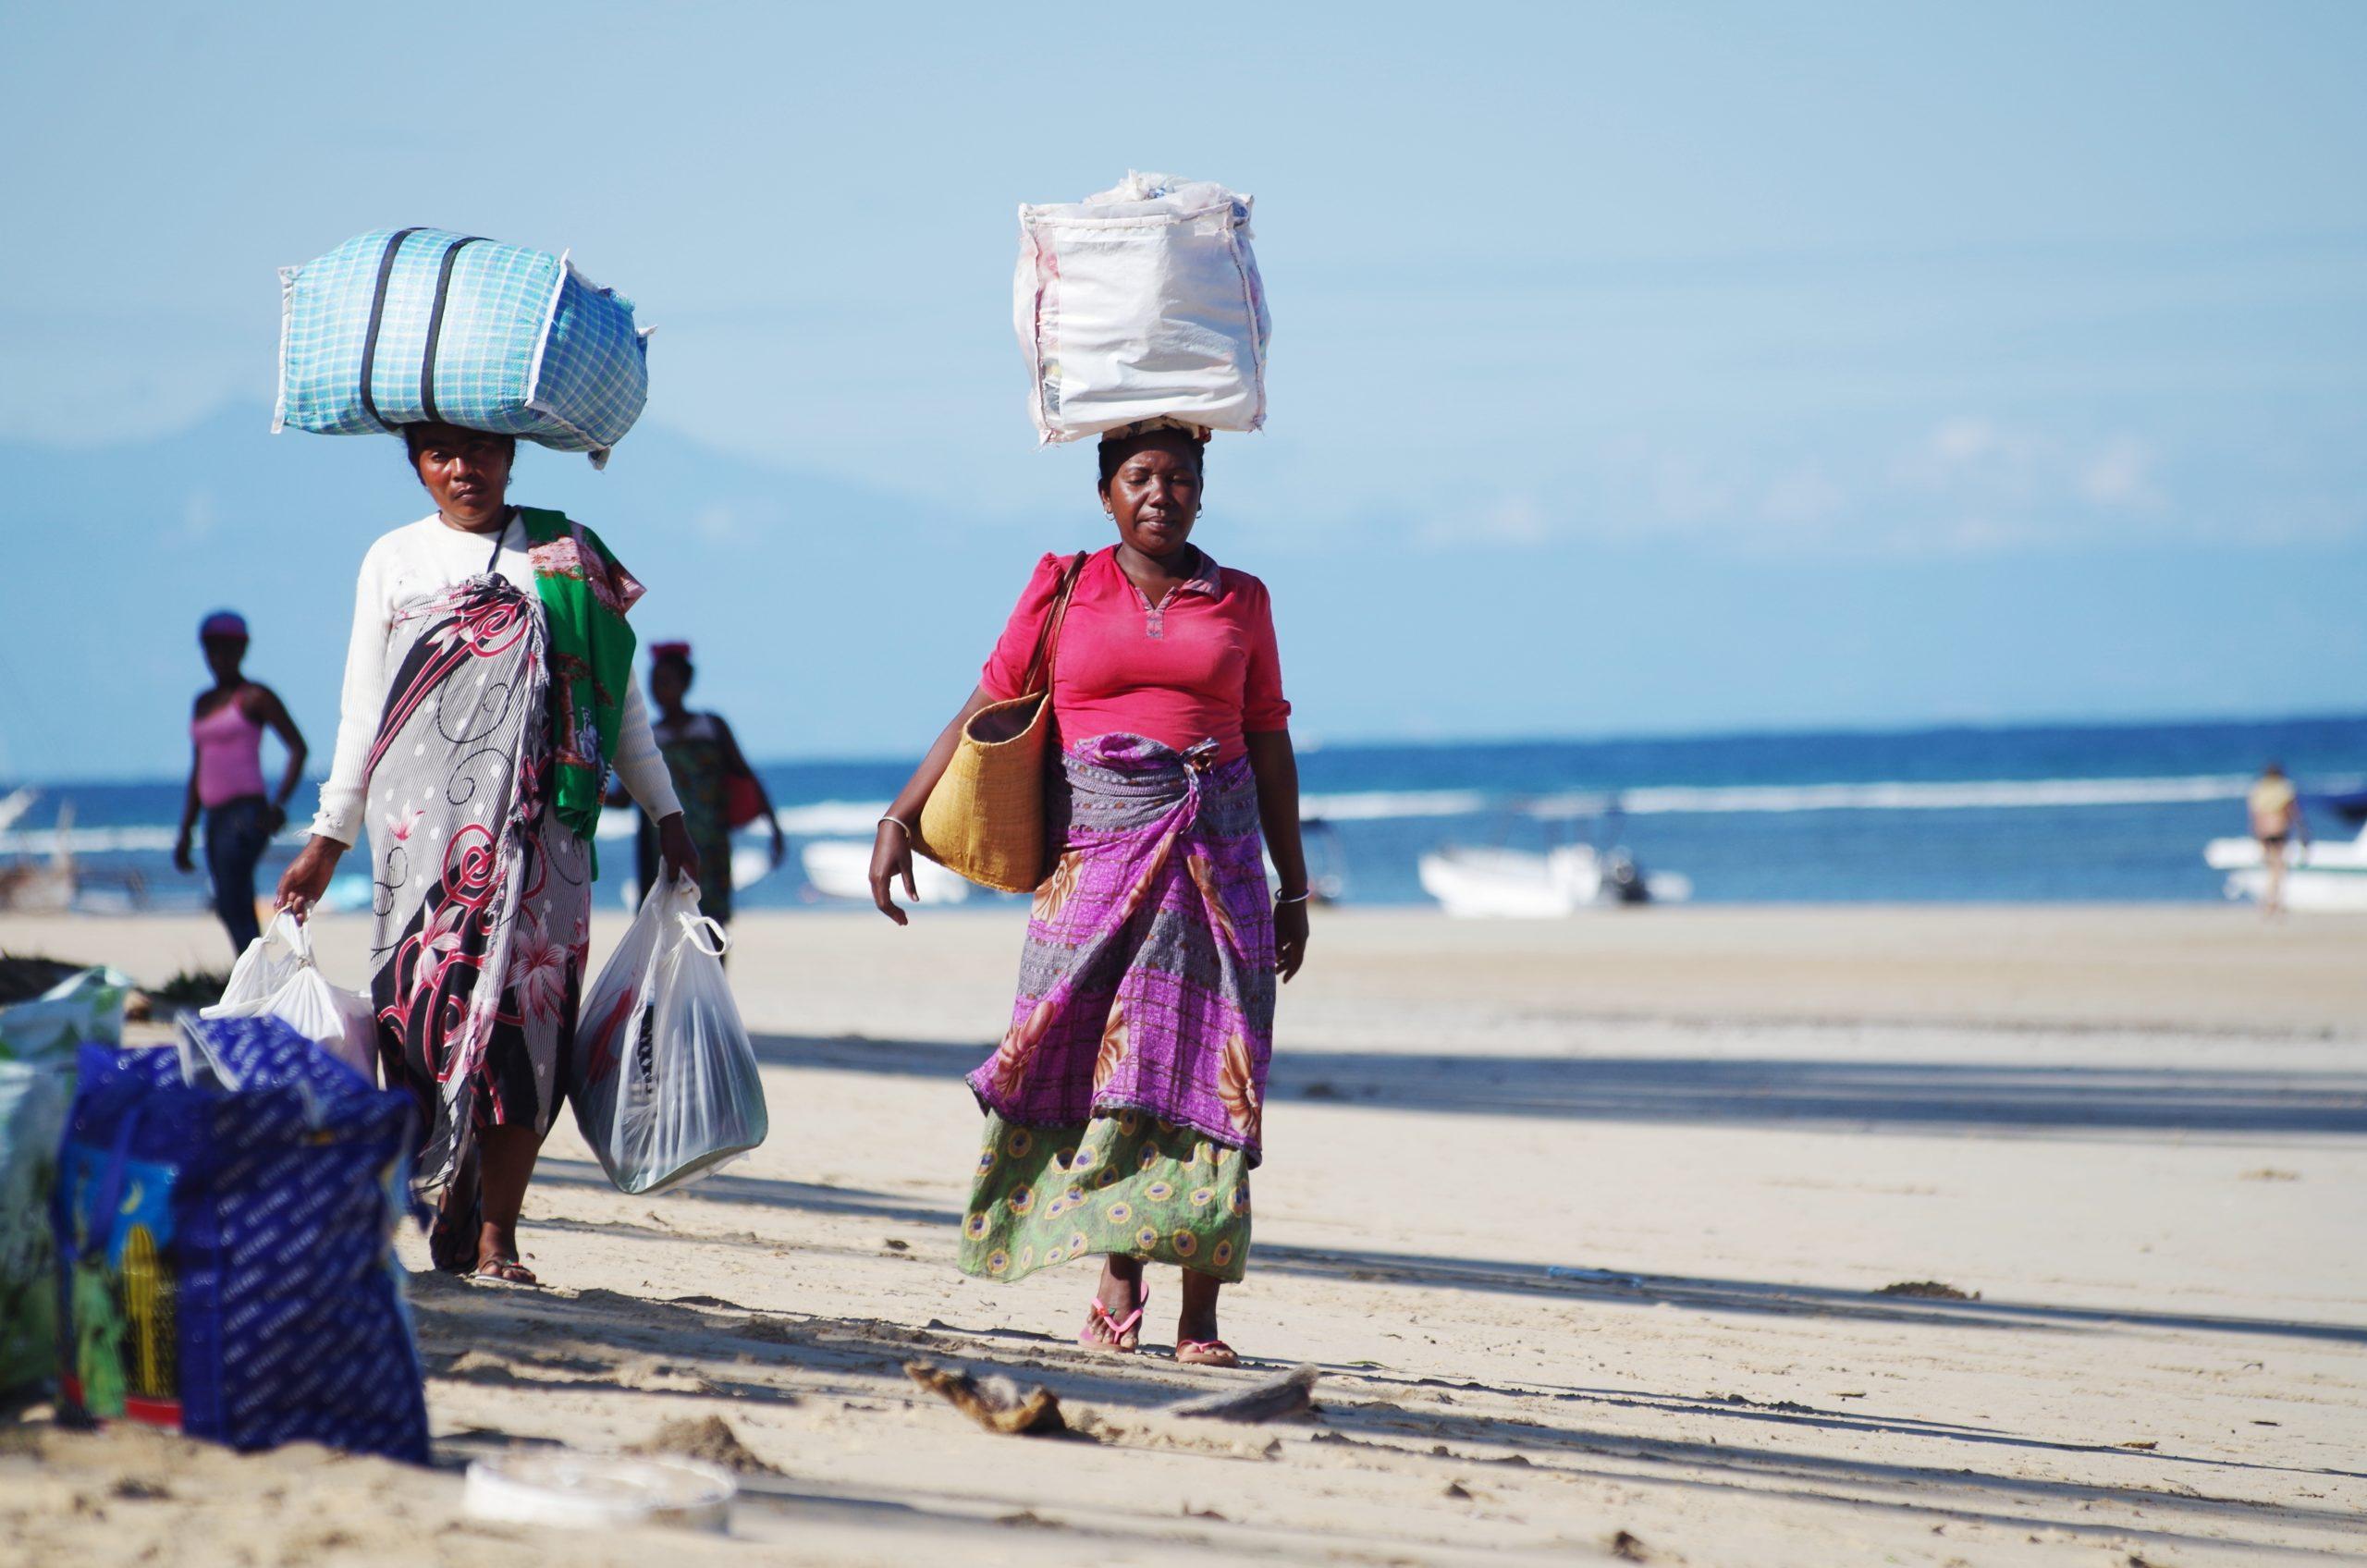 Kobiety z Madagazkaru w kolorowych ubraniach niosą na głowach paczki